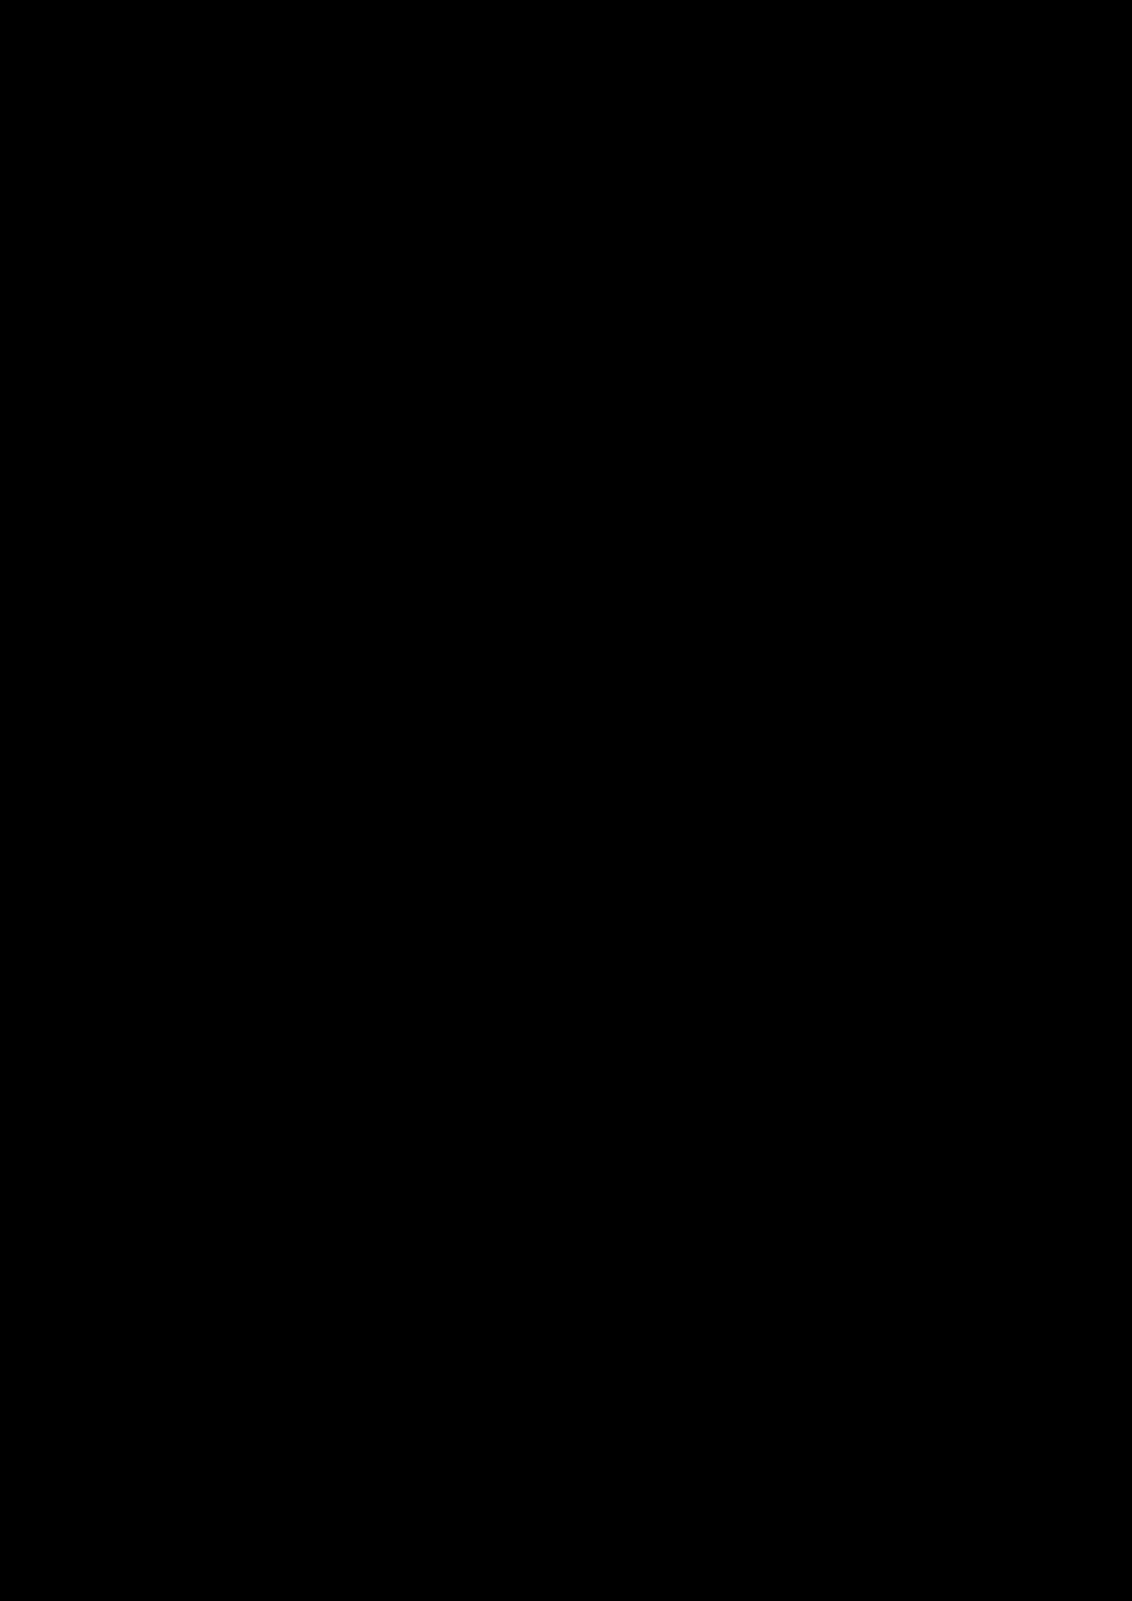 Zagadka volshebnoy stranyi slide, Image 40